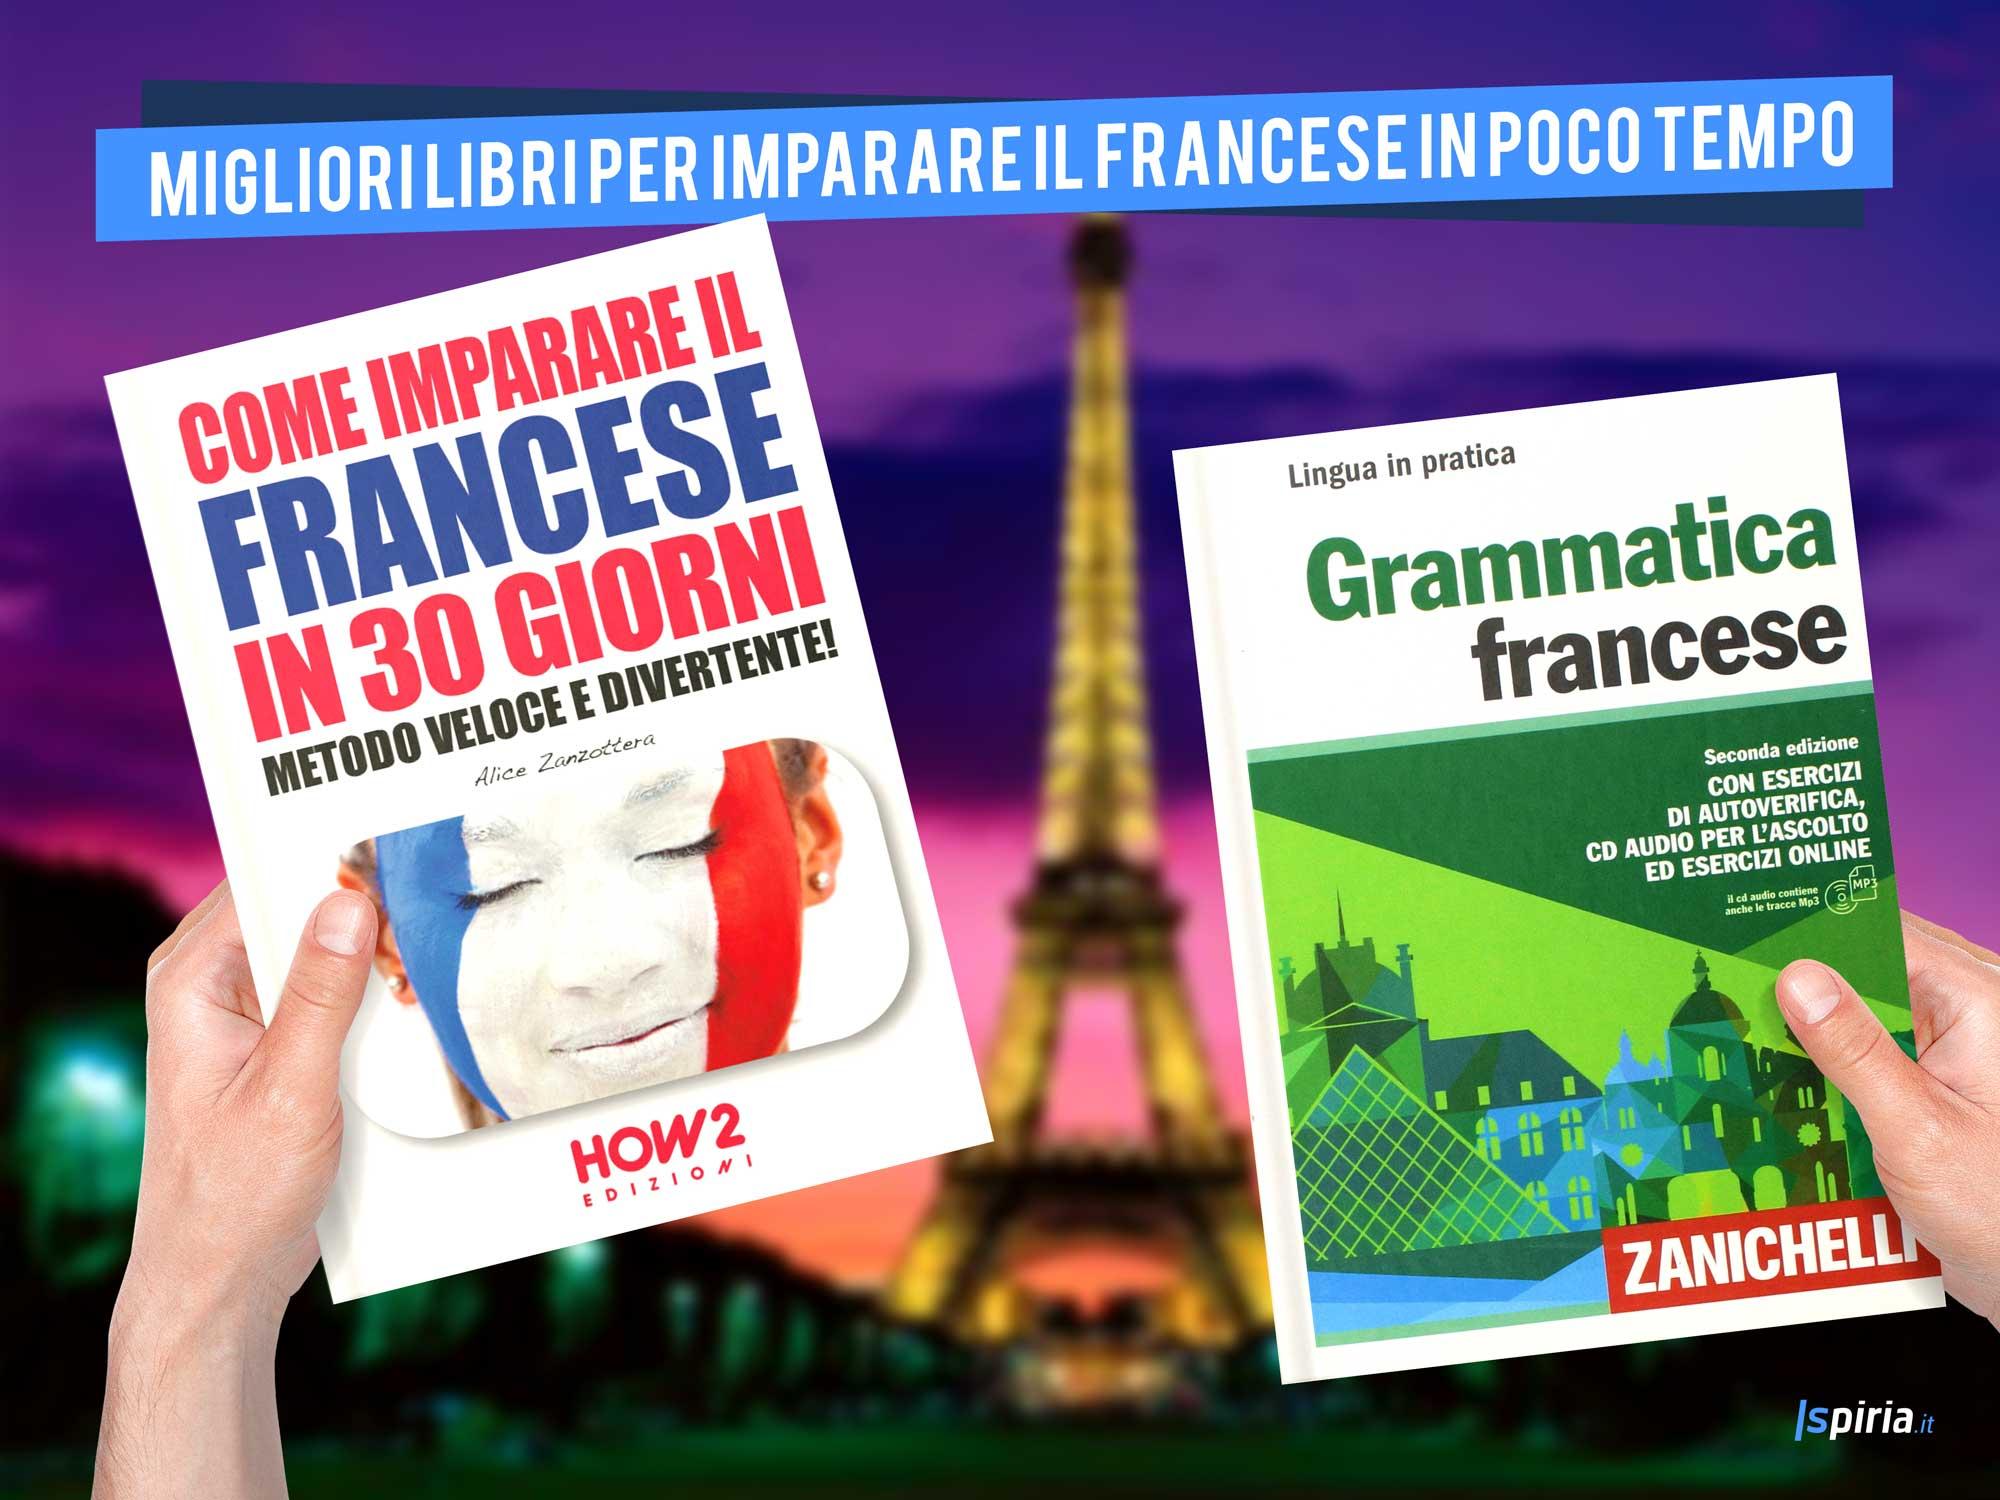 Migliori Libri Per Imparare Il Francese (Unico Libro Studiare Francese Da Autodidatta)